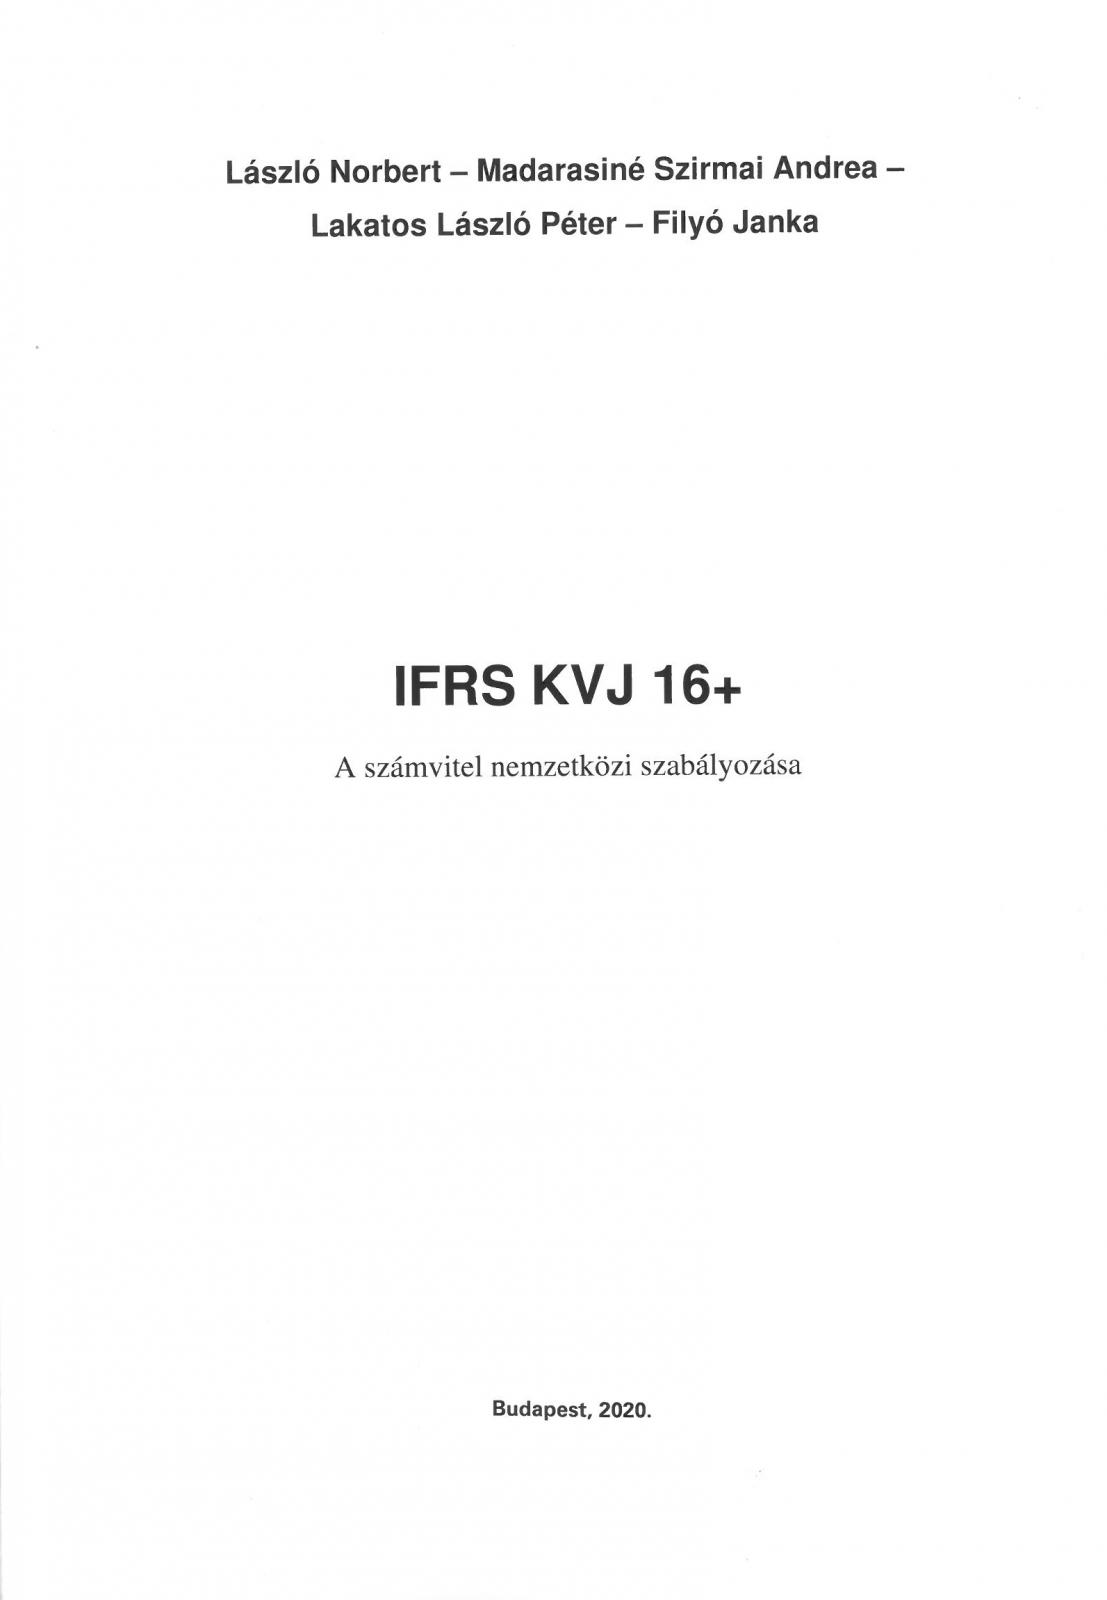 IFRS KVJ 16+